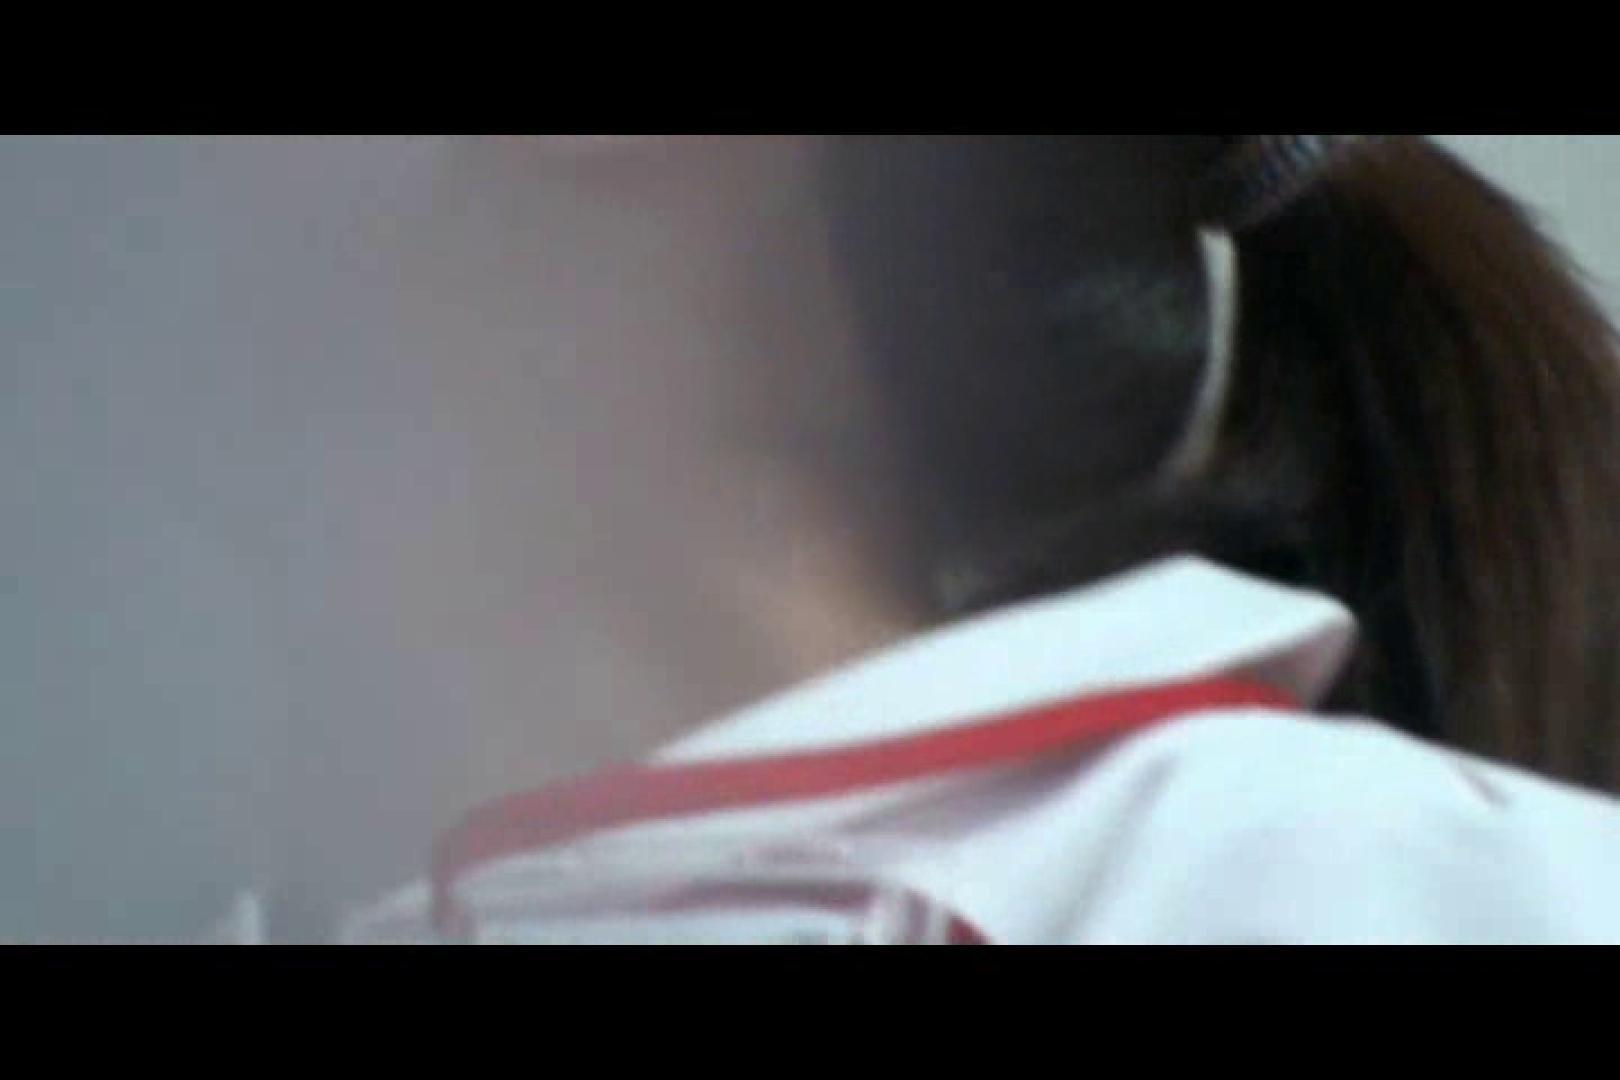 独占配信!無修正! 看護女子寮 vol.08 ナース丸裸 隠し撮りオマンコ動画紹介 95pic 28